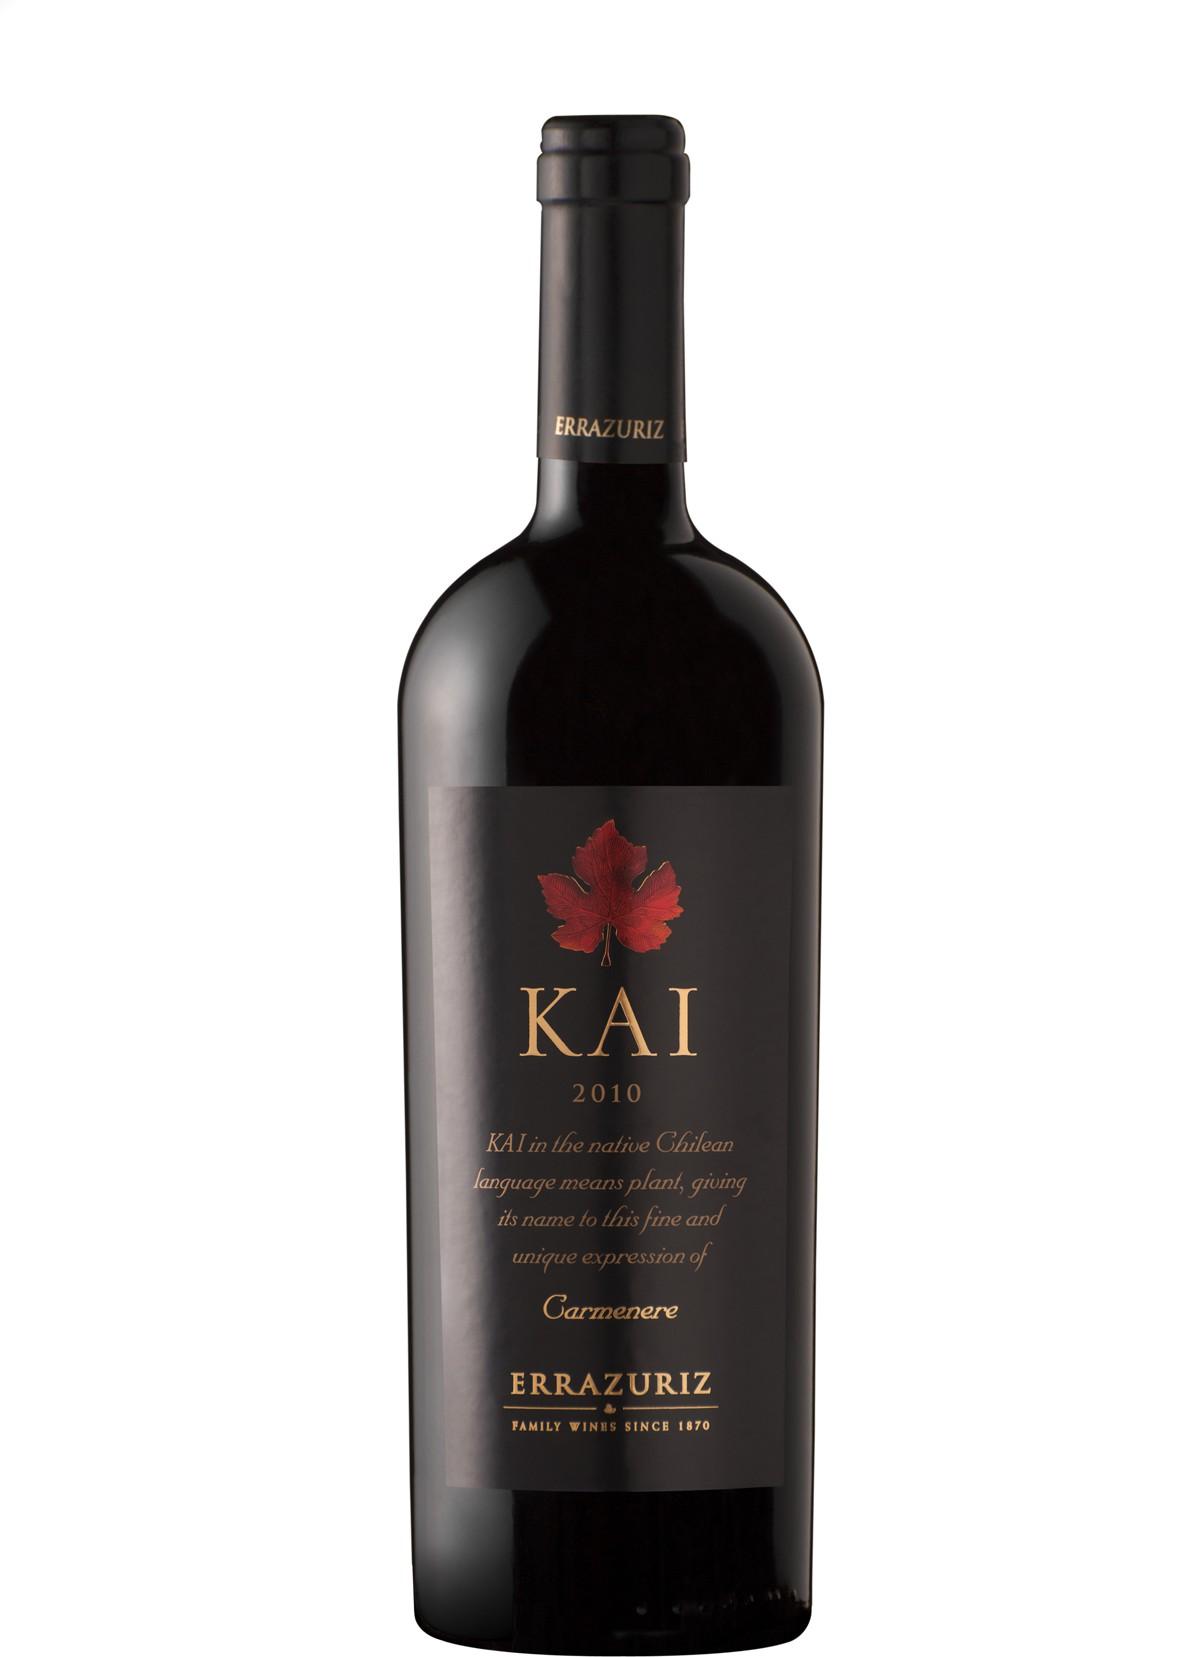 KAI - Errazuriz Ikony 2010